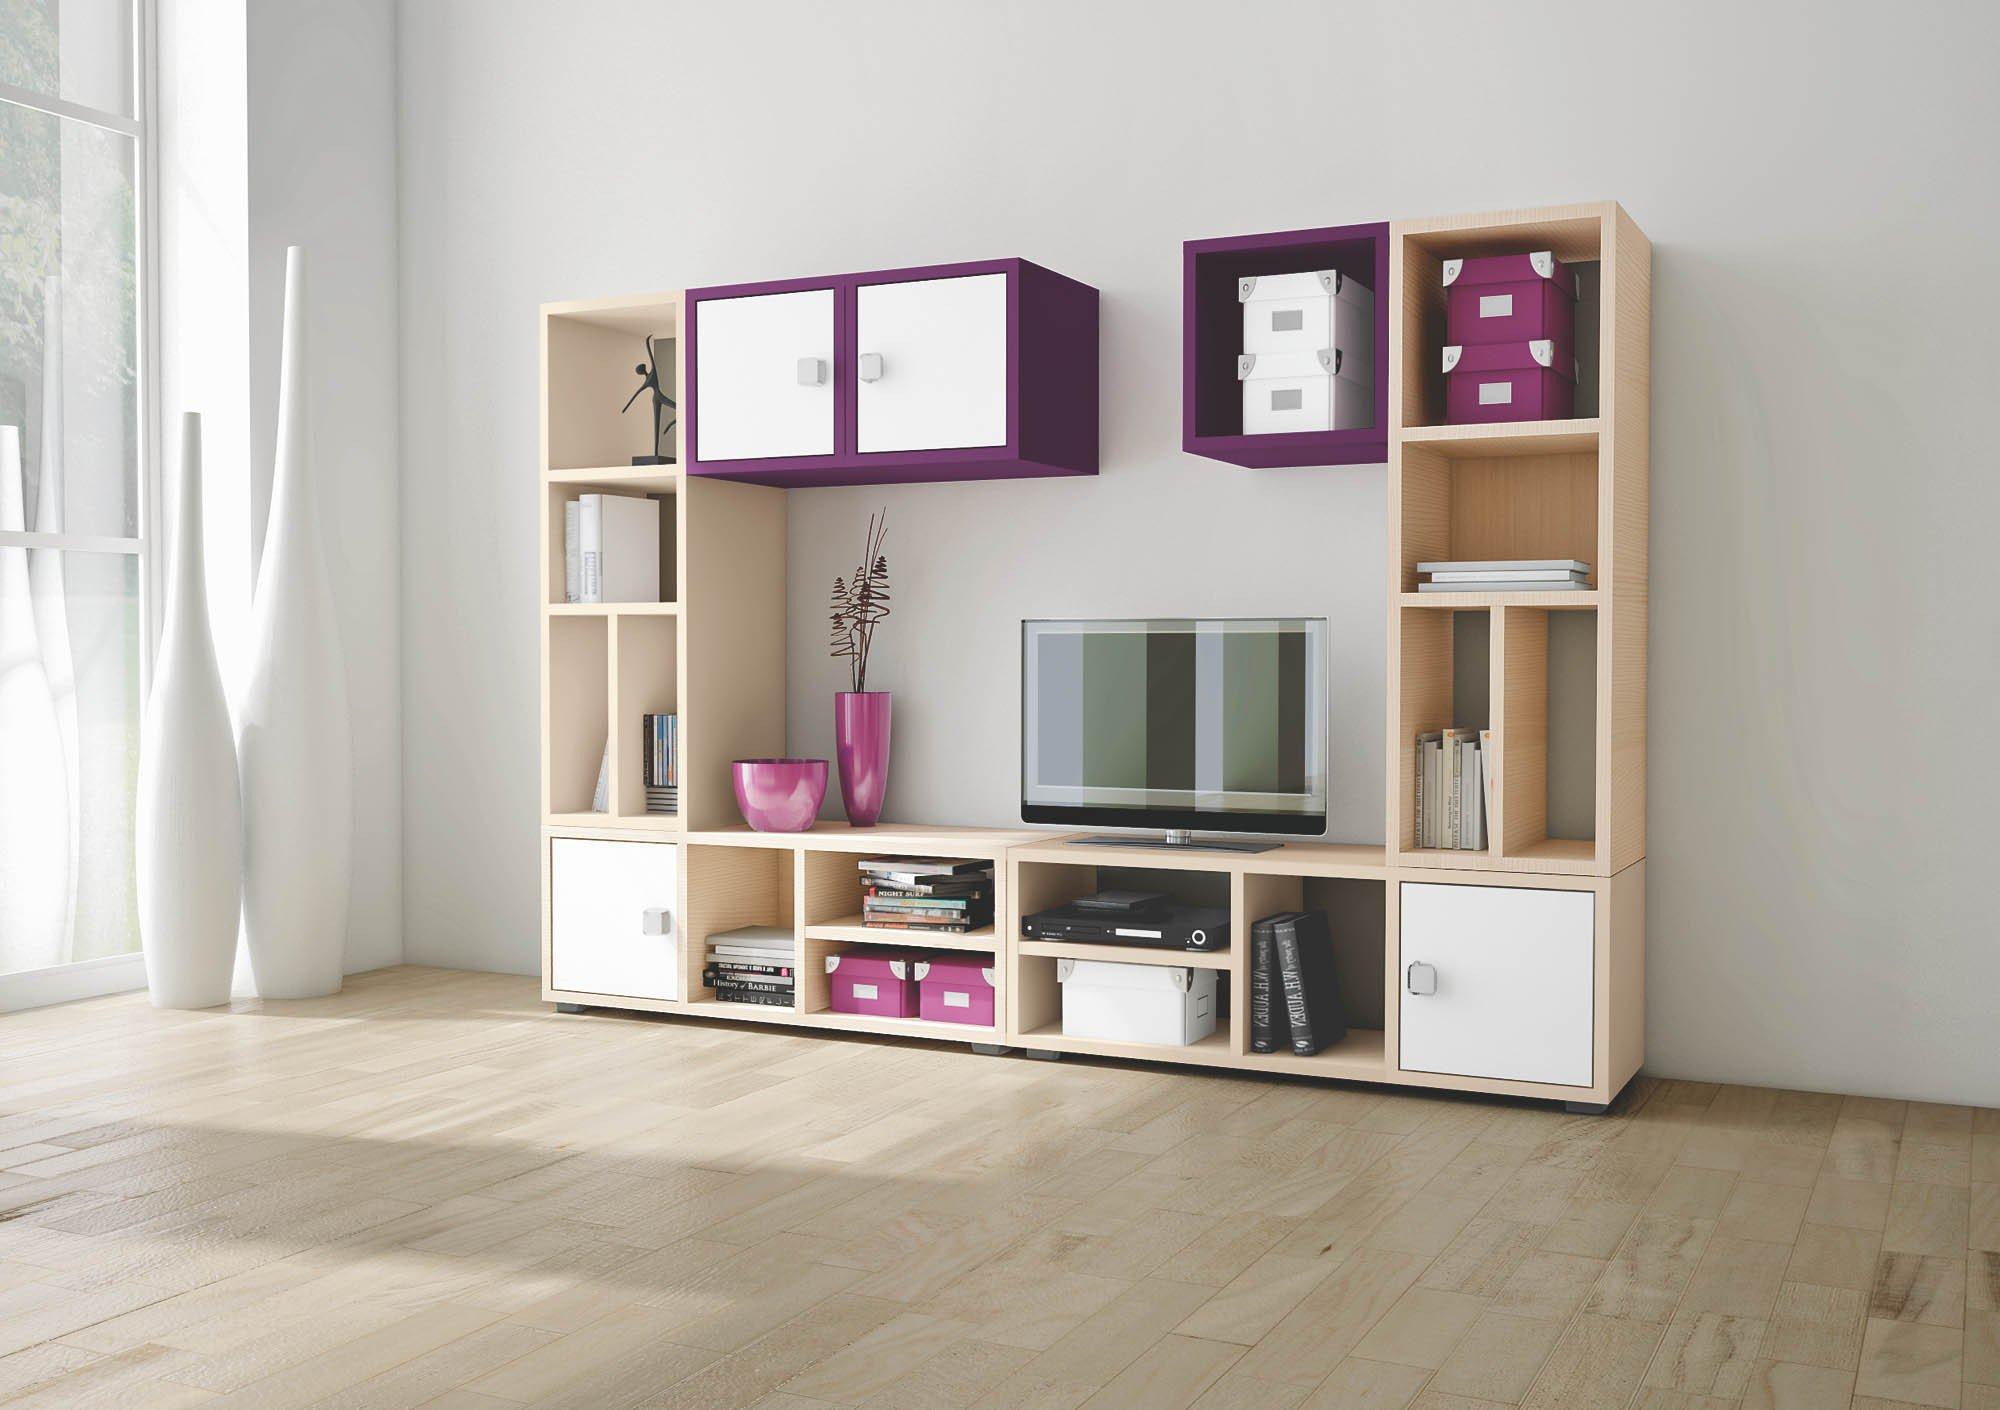 Welle wohnwand unlimited esche wei lila m bel letz ihr online shop - Jugendzimmer wohnwand ...